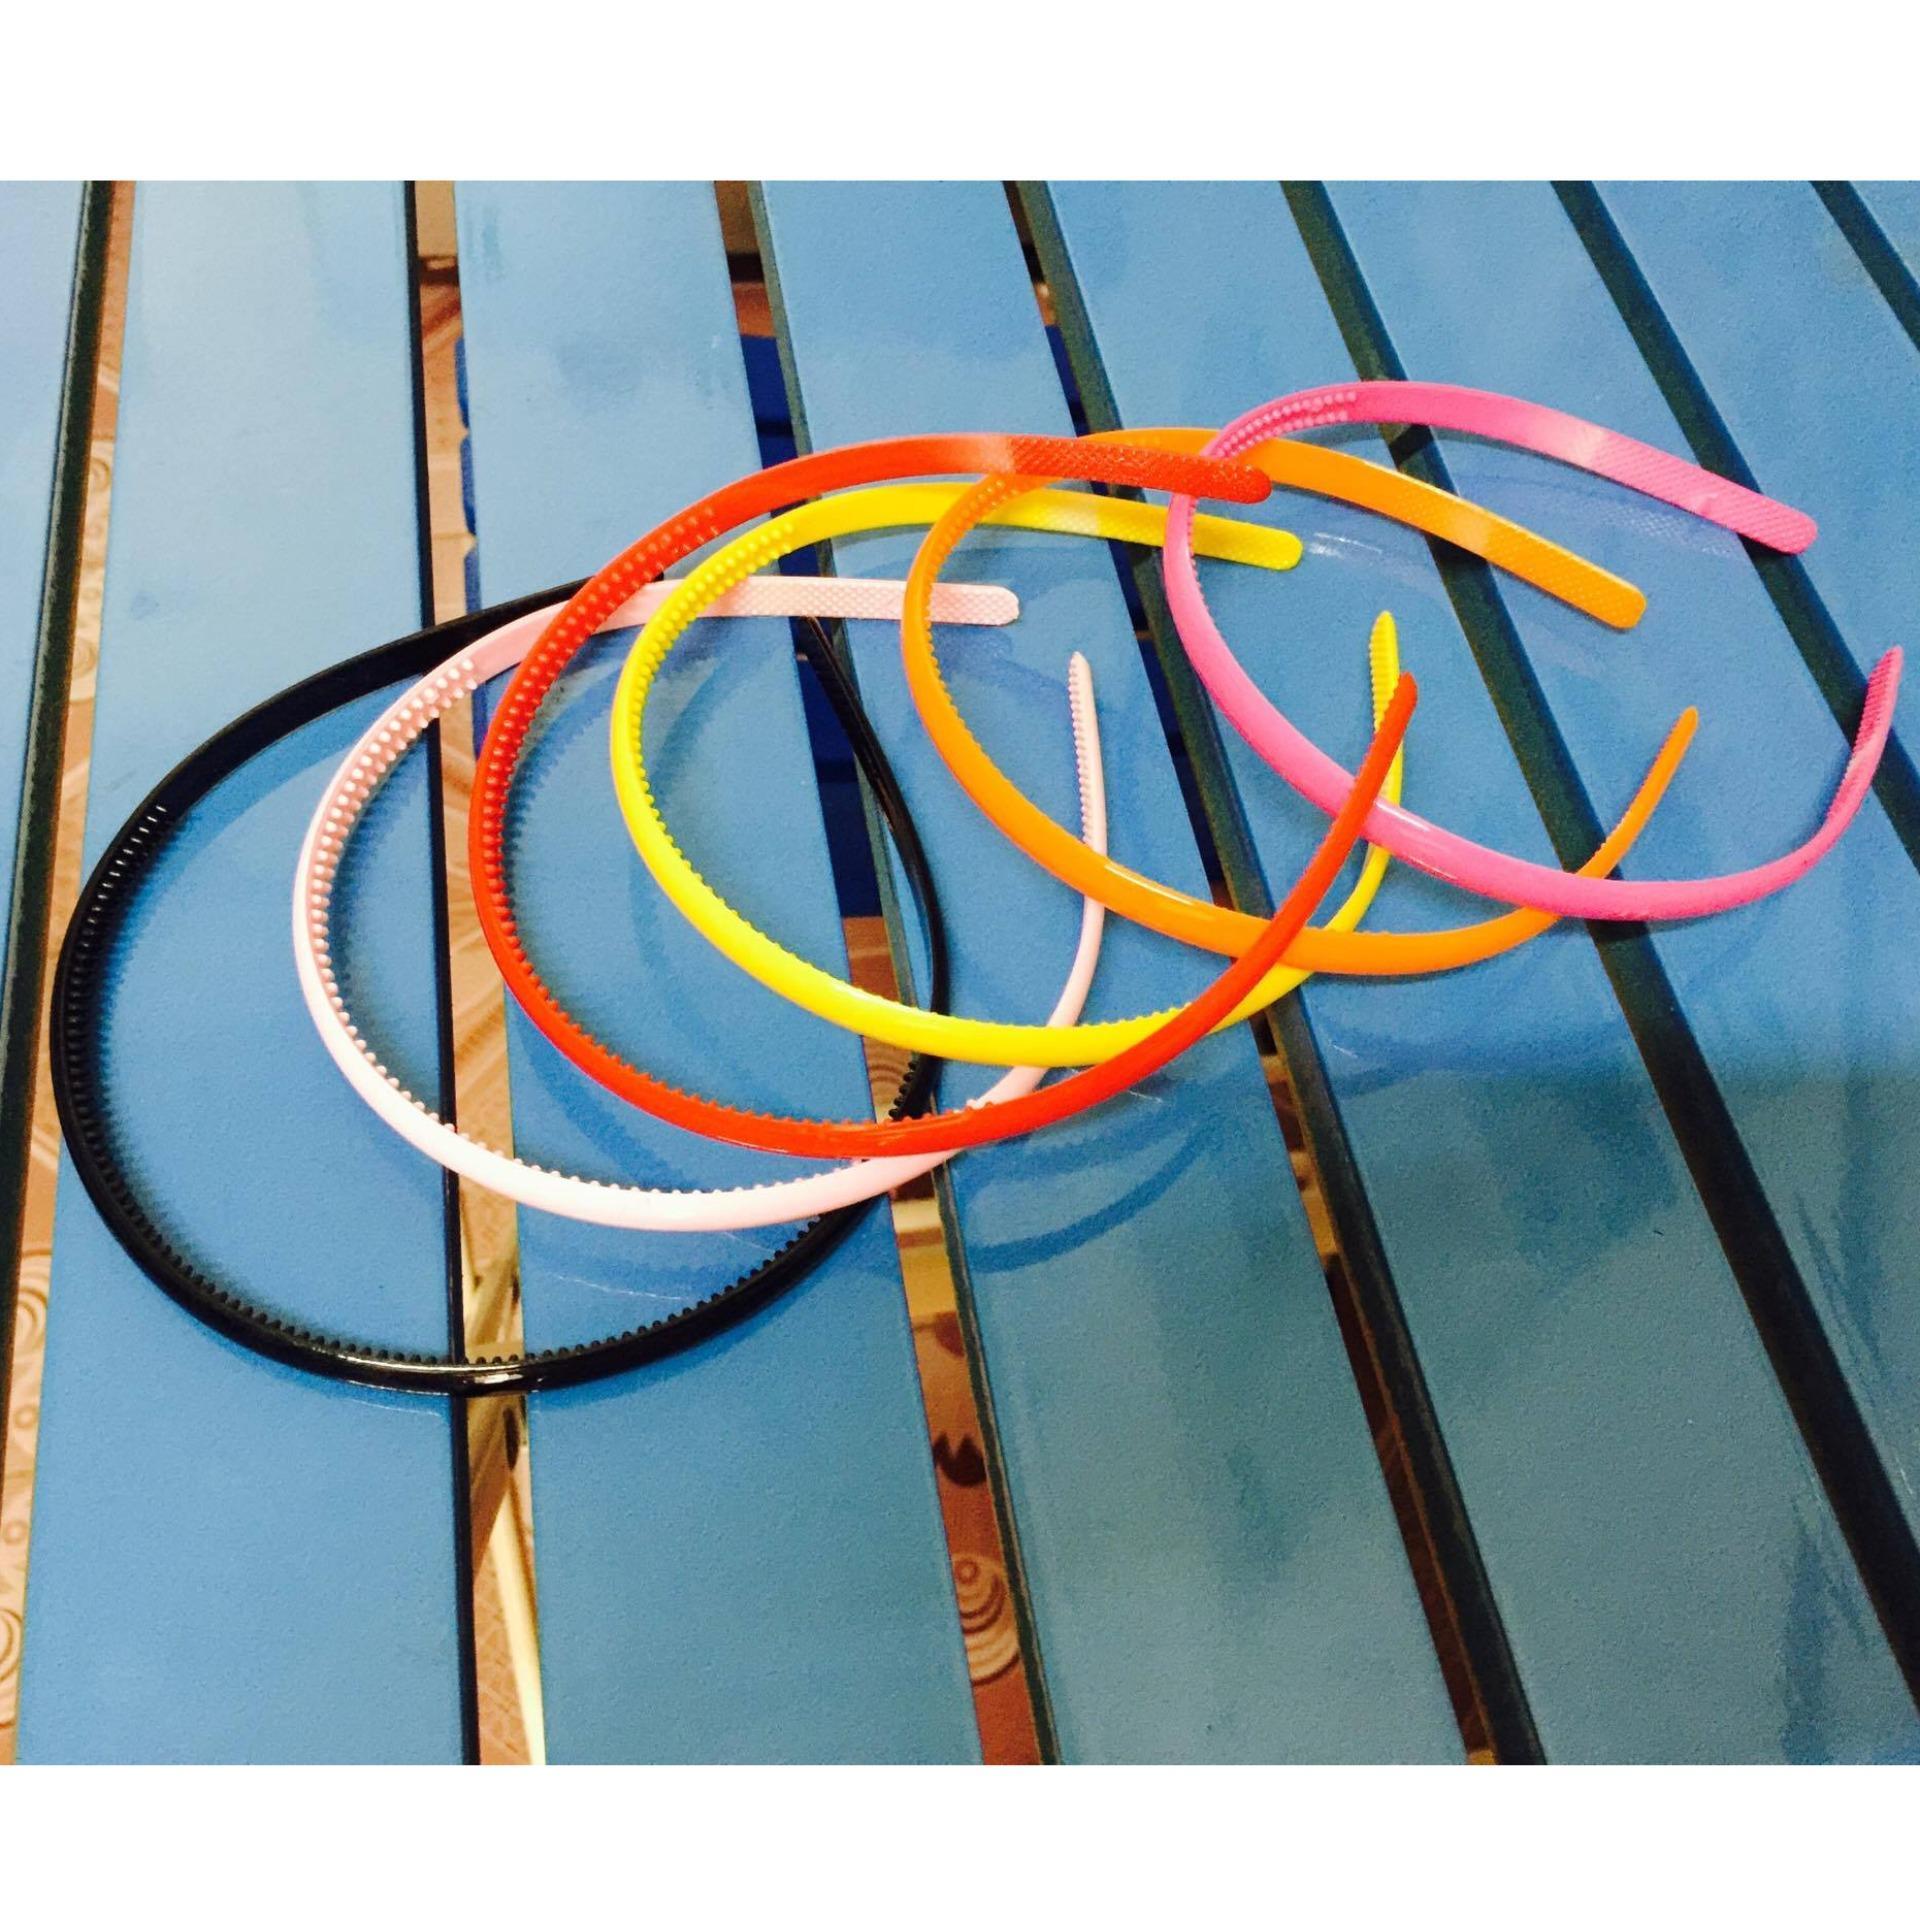 Combo 5 bờm (cài tóc) nhựa bản nhỏ